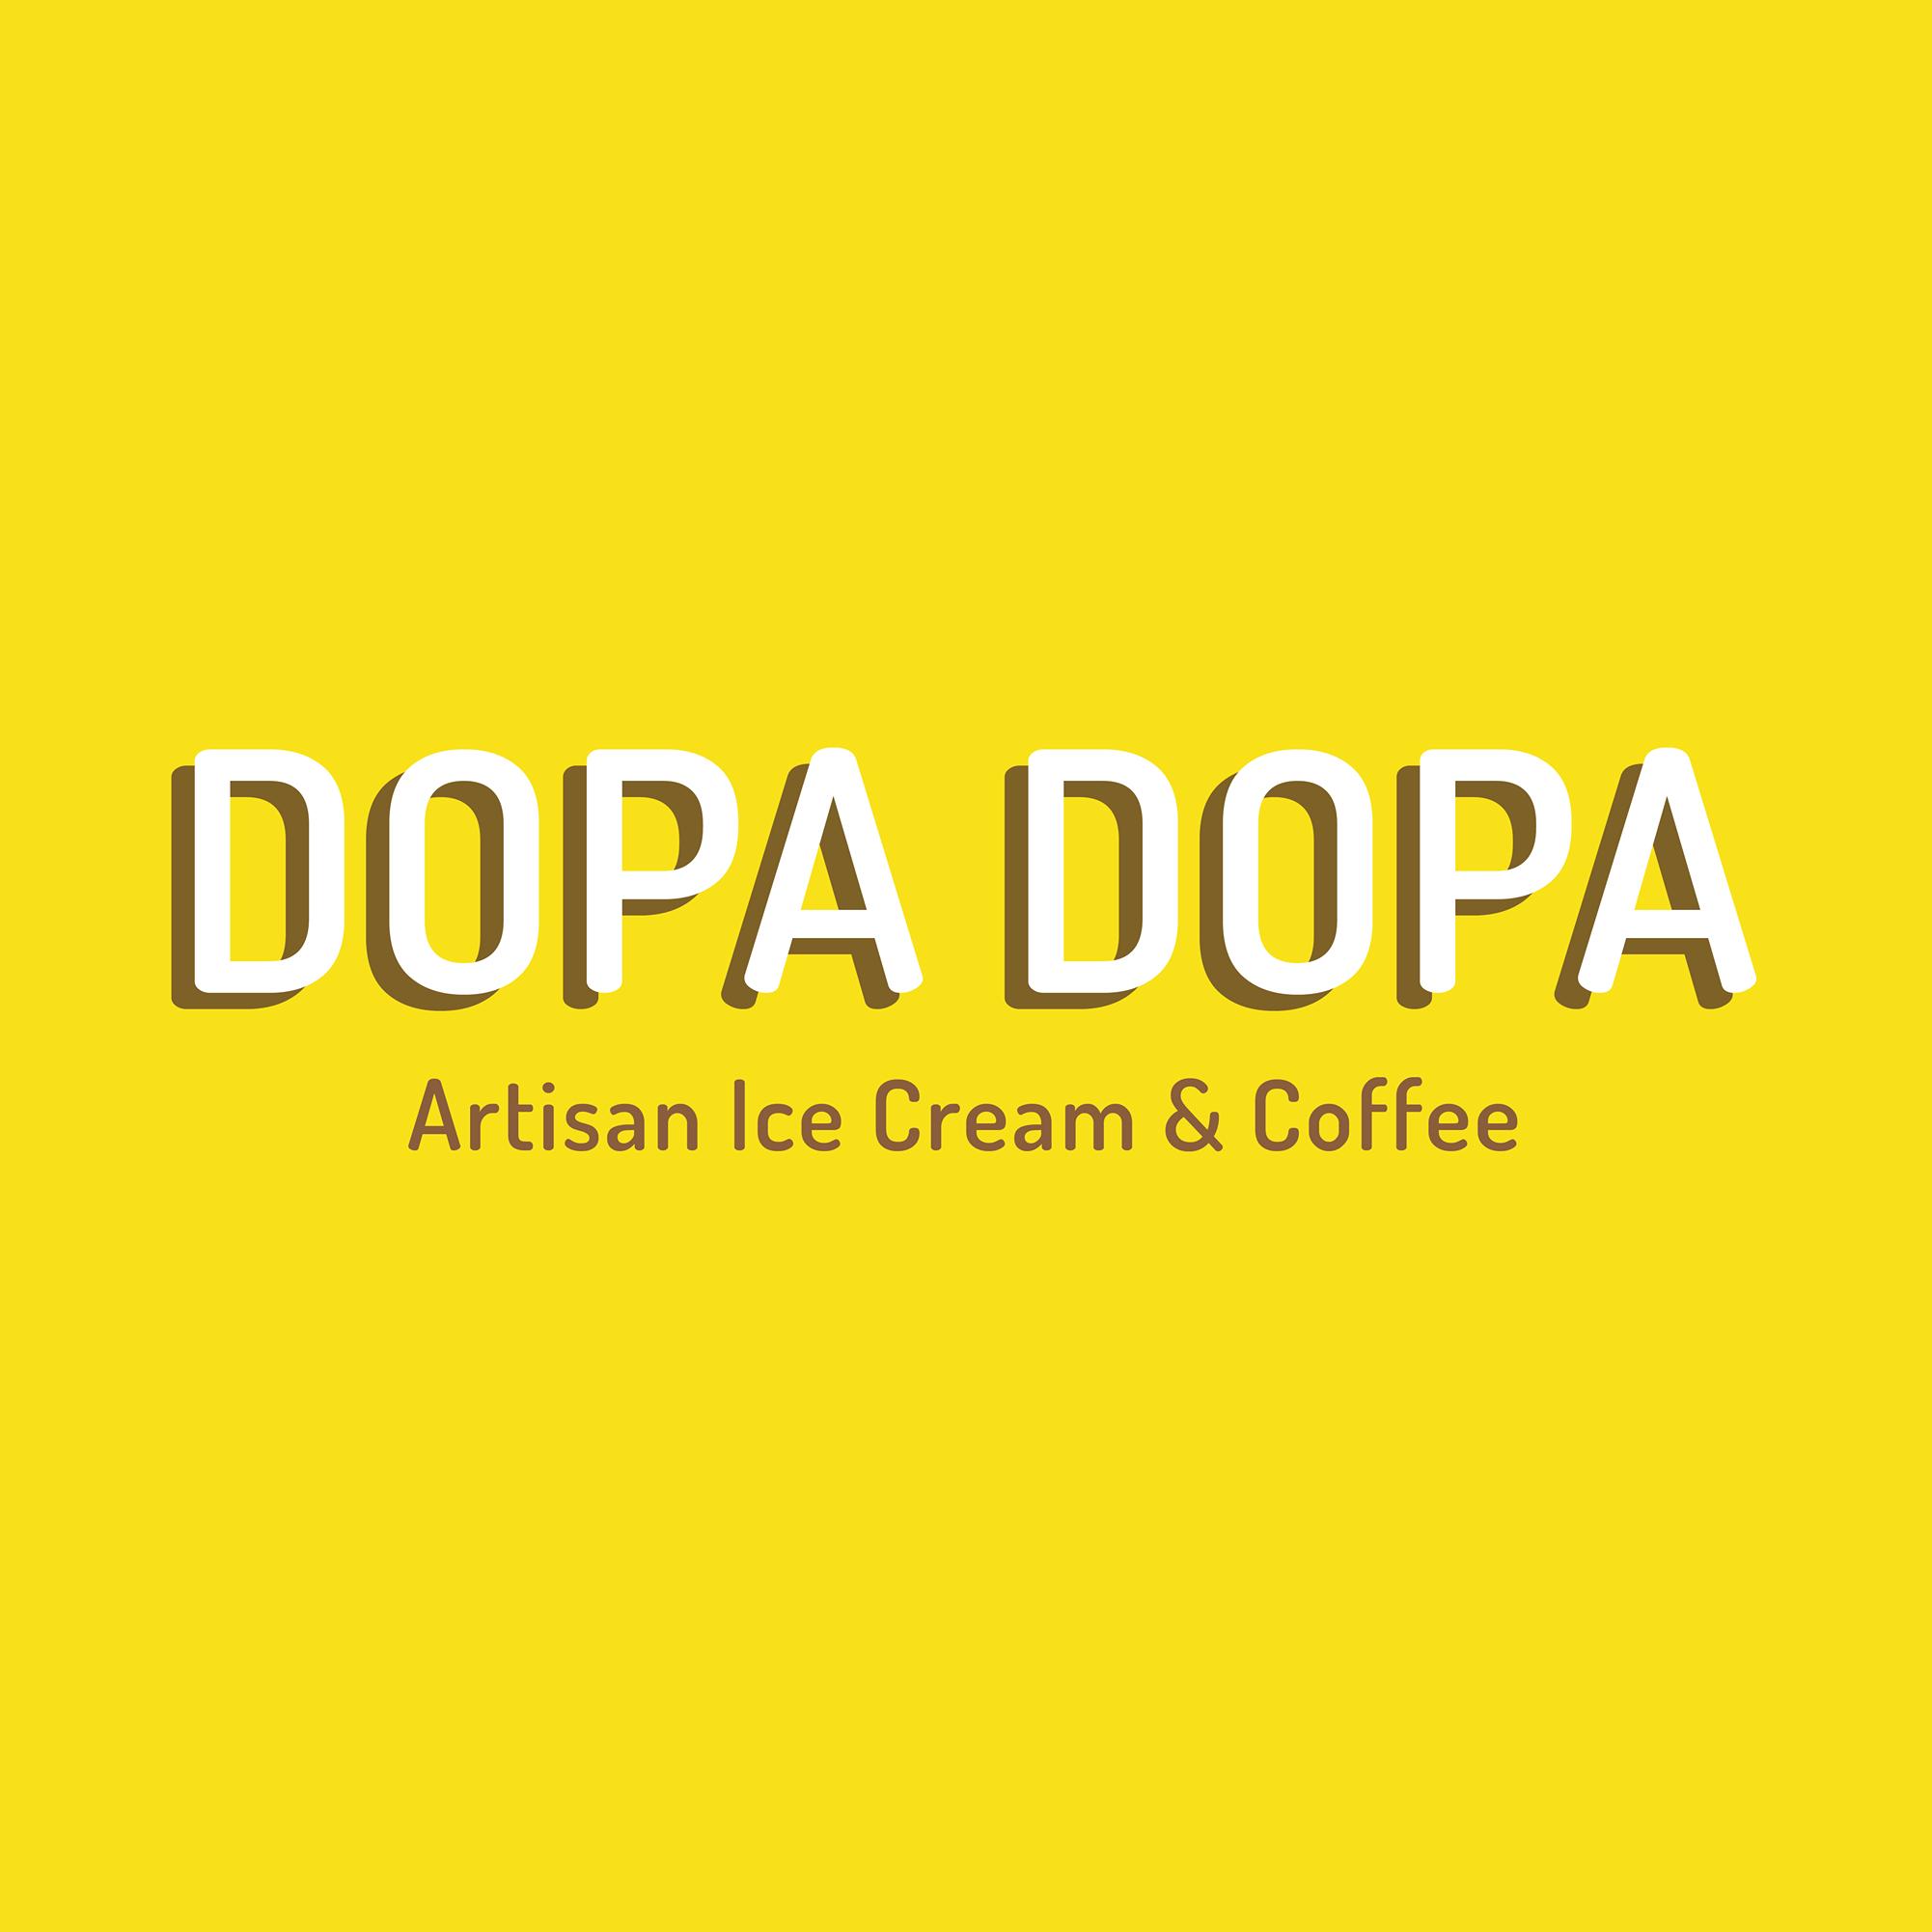 dopa dopa.png